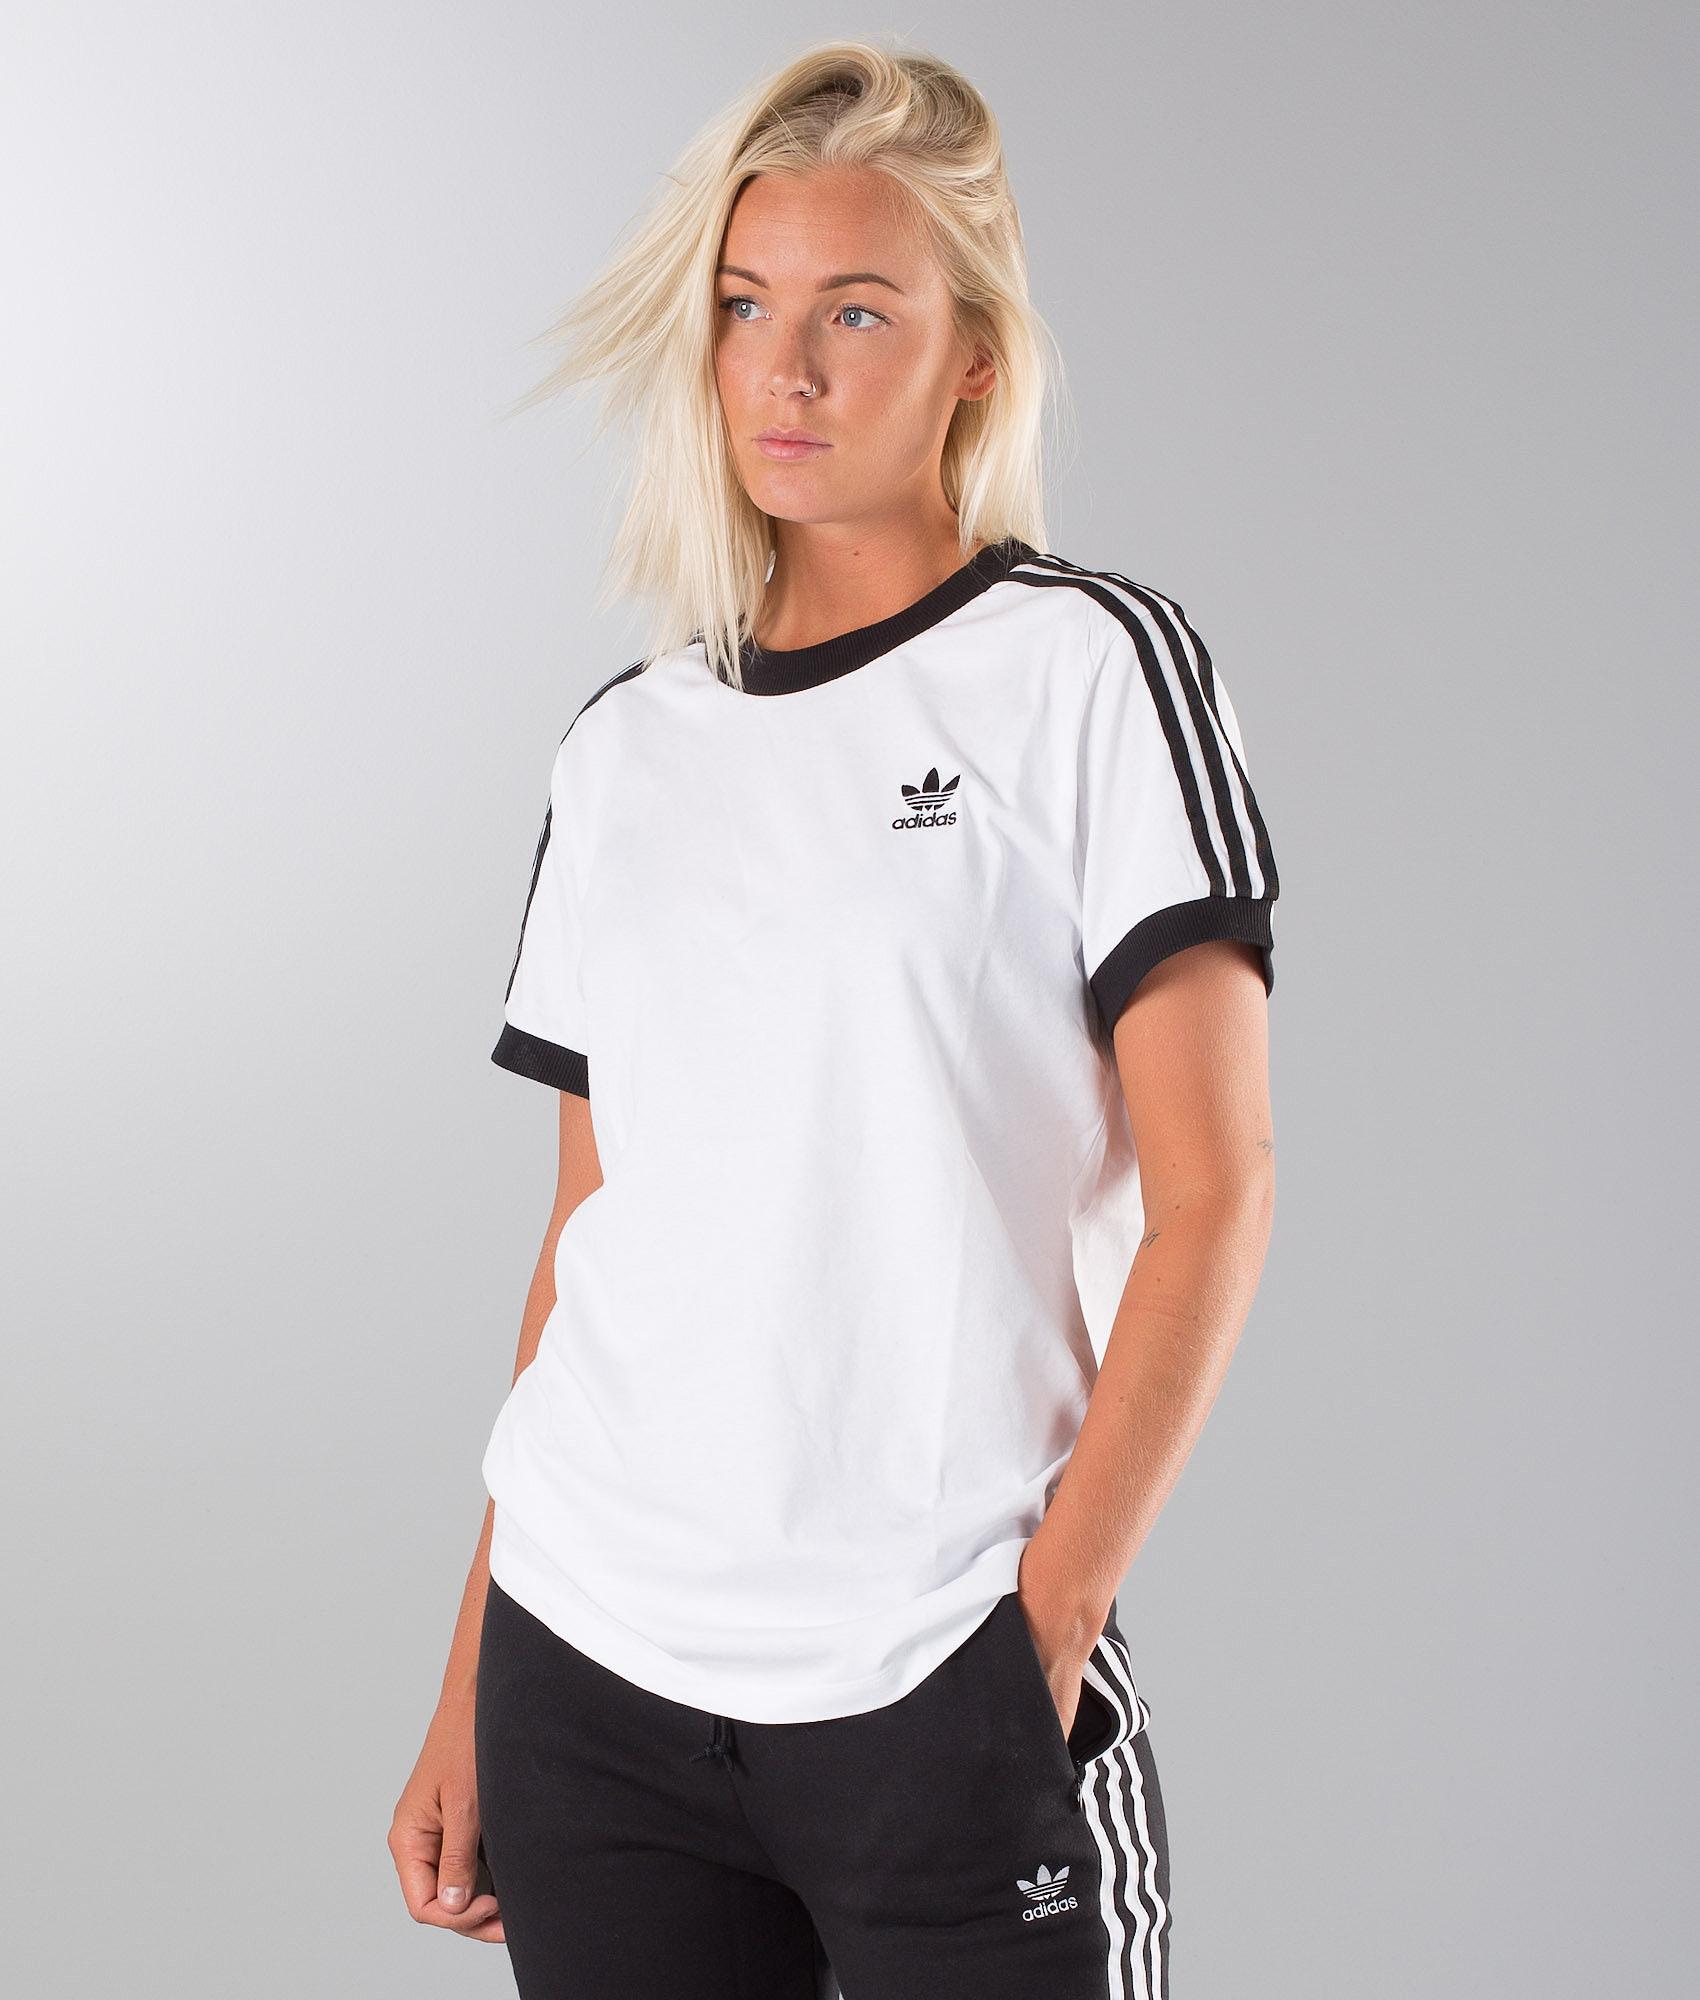 a1dabdc321bf22 Adidas Originals 3 Stripes T-shirt White - Ridestore.com